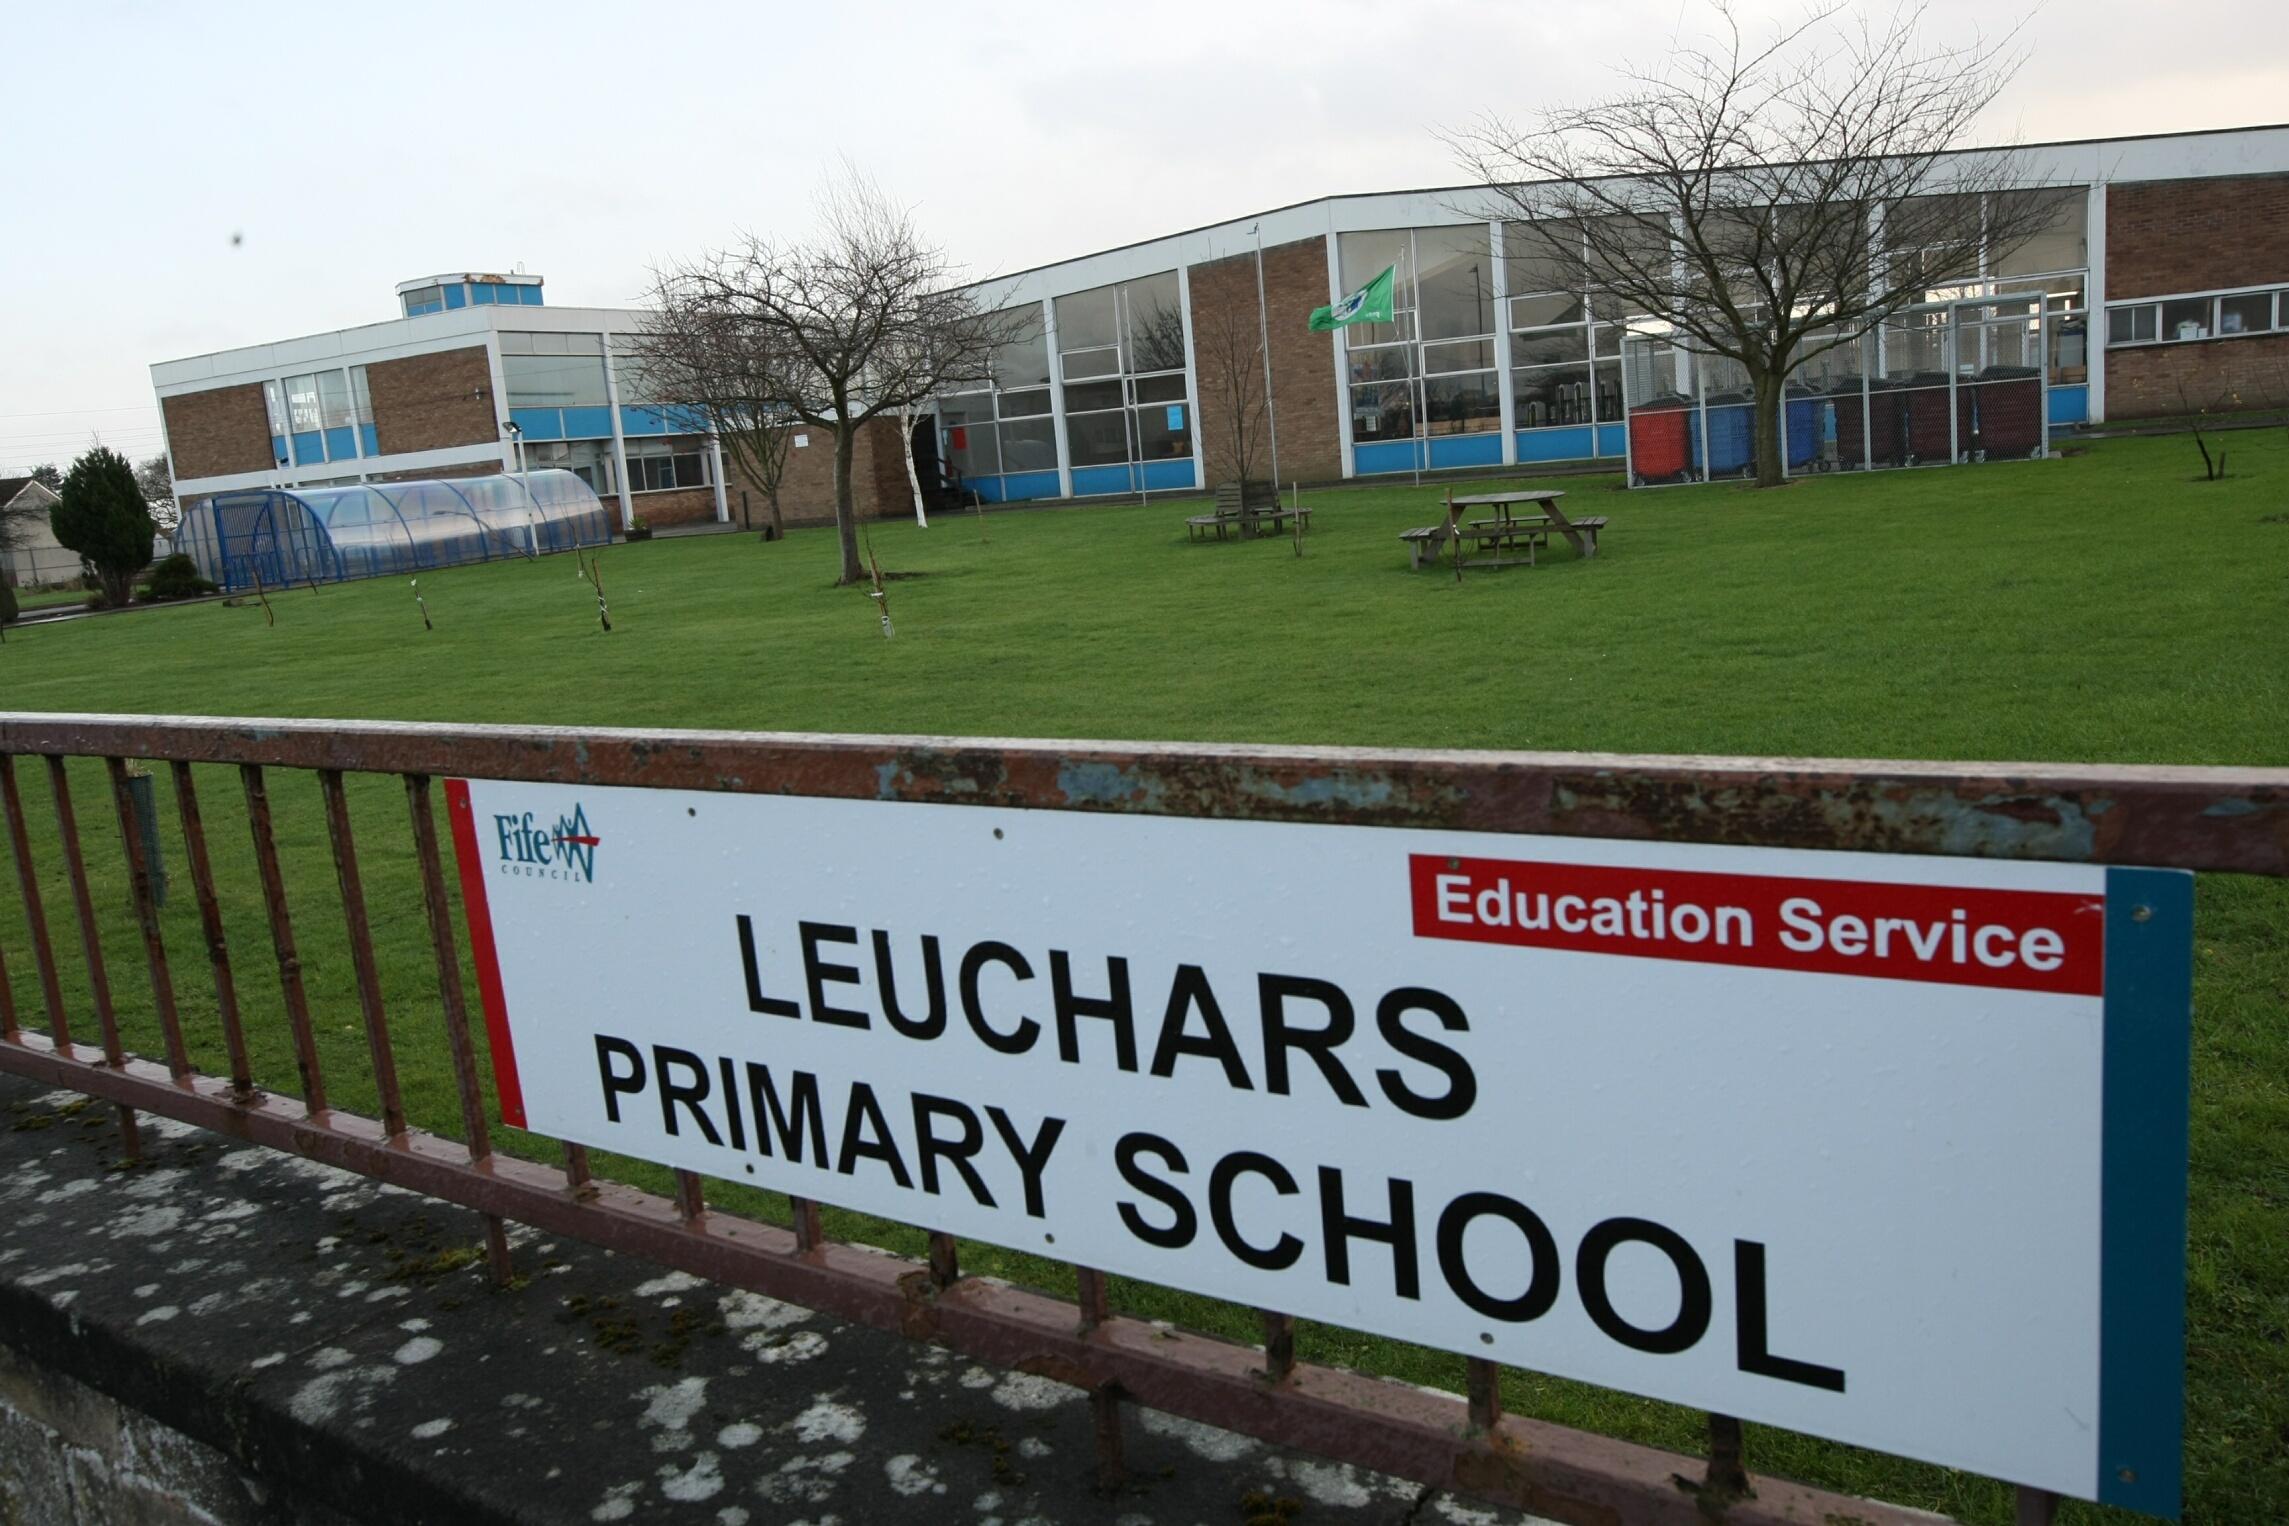 Leuchars Primary School.